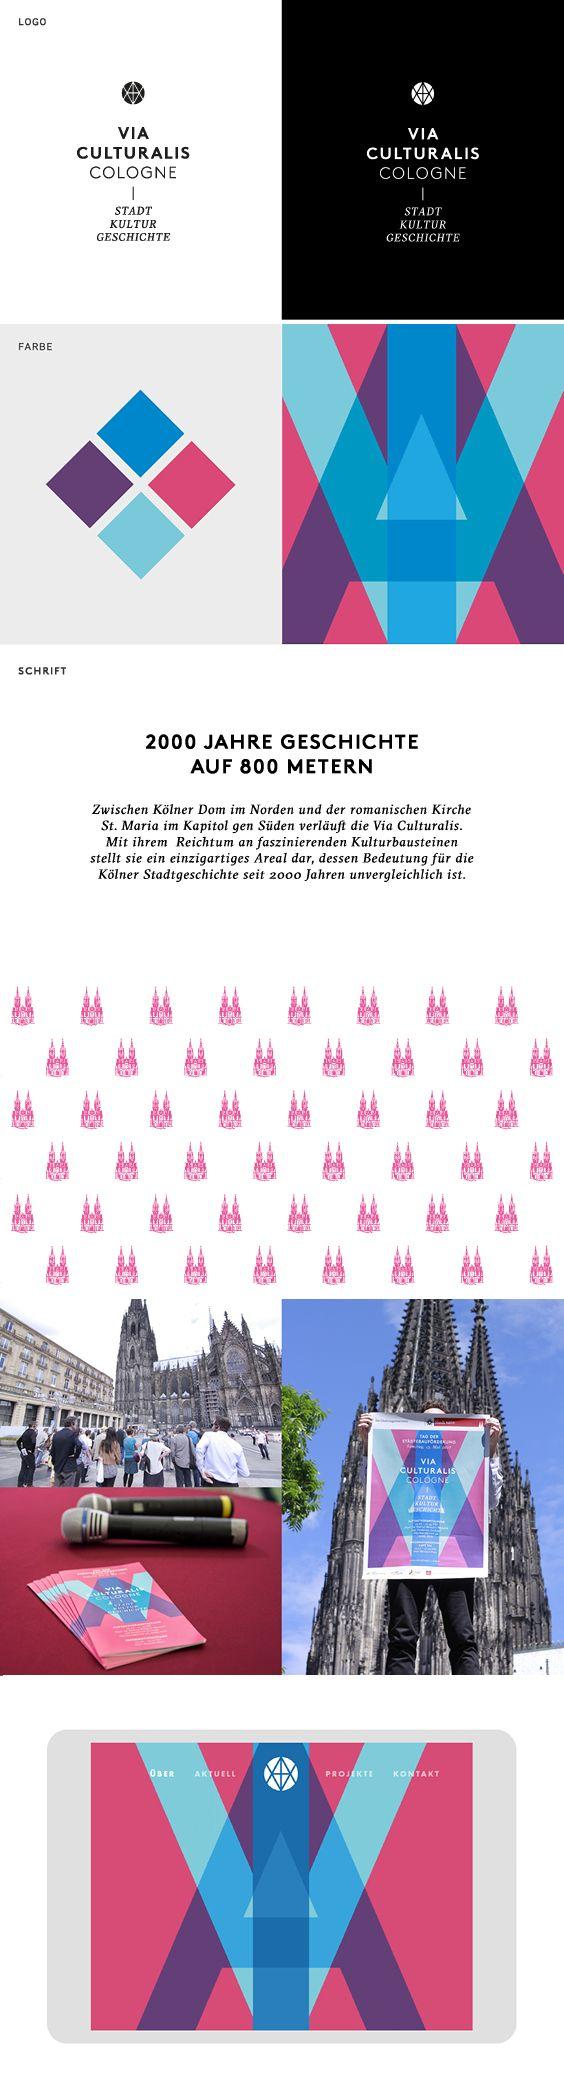 VIA CULTURALIS Die Via Culturalis ist ein besonderer Ort in Köln. Gelegen zwischen dem Kölner Dom im Norden und der romanischen Kirche St. Maria im Kapitol im Süden bietet dieses Quartier auf rund 800 Metern Einblicke in 2000 Jahre Stadtgeschichte. Es ist ein identitätsstiftender Lieblingsort, der Lebensqualität und kulturelle Erfahrungen schenkt und den Geist der Stadt prägt. Seit einigen Jahren profiliert die Stadt Köln das Quartier auf einer baulichen wie auch auf einer narrativen Ebene…